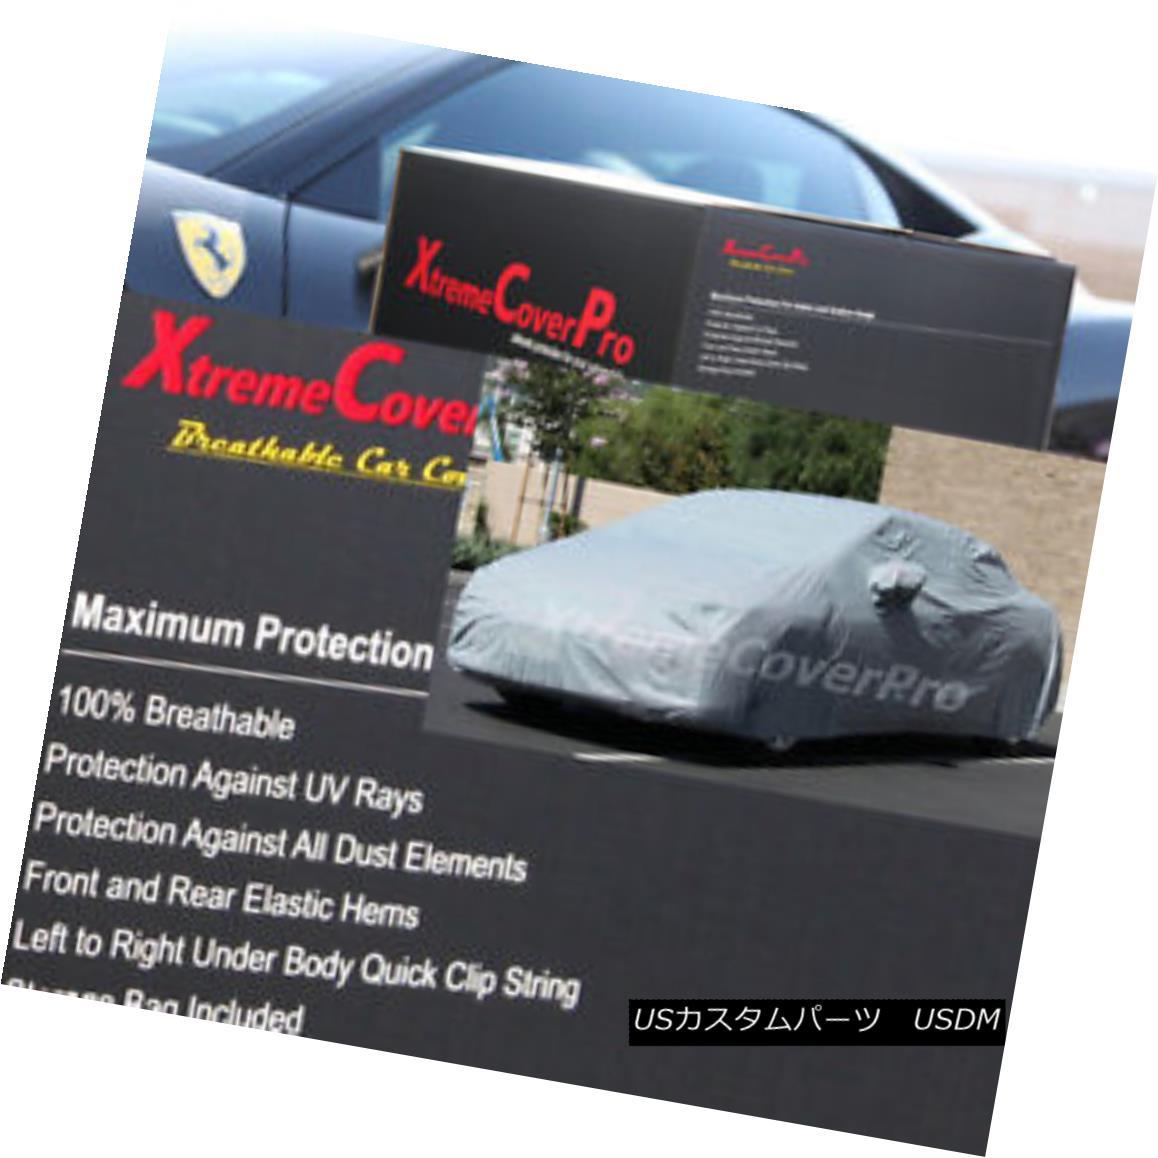 カーカバー 2007 2008 2009 2010 Mercedes CL550 CL600 Breathable Car Cover w/MirrorPocket 2007年2008年2009年2010年メルセデスCL550 CL600通気性車カバー付きMirrorPocket